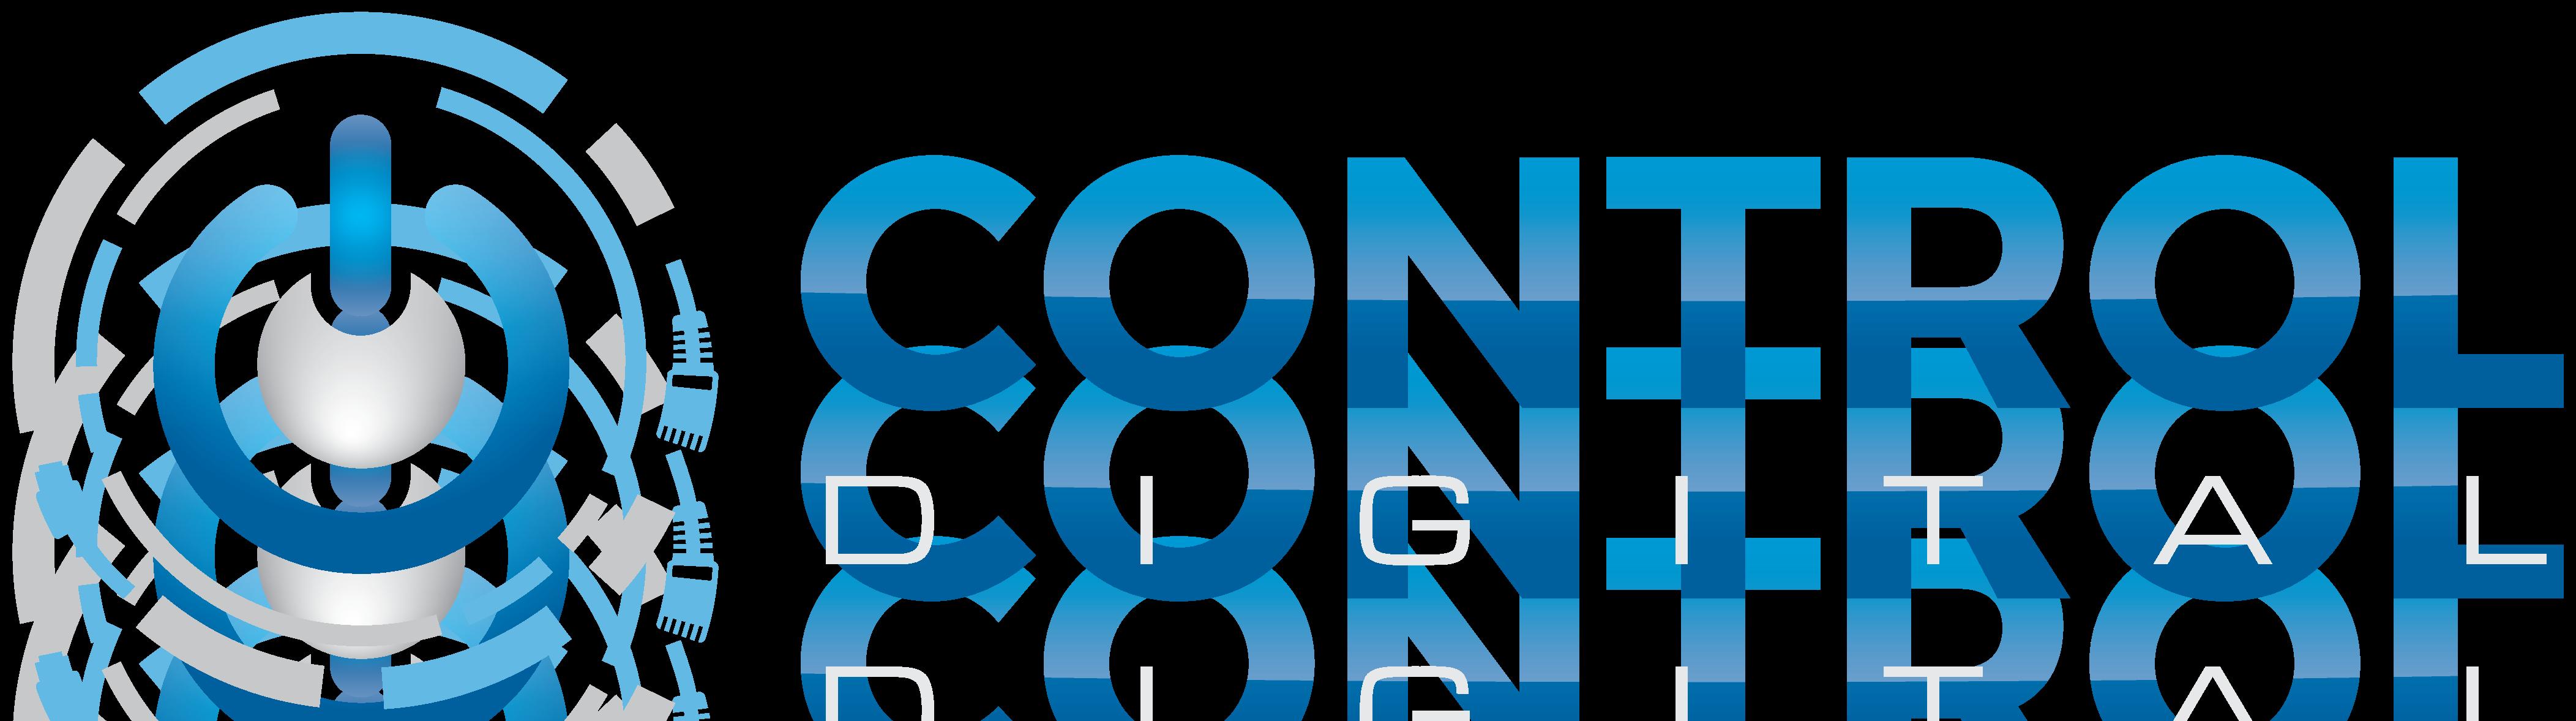 Control-Digital-Logo-Transparent-BG-for-Black-or-Blue-BG